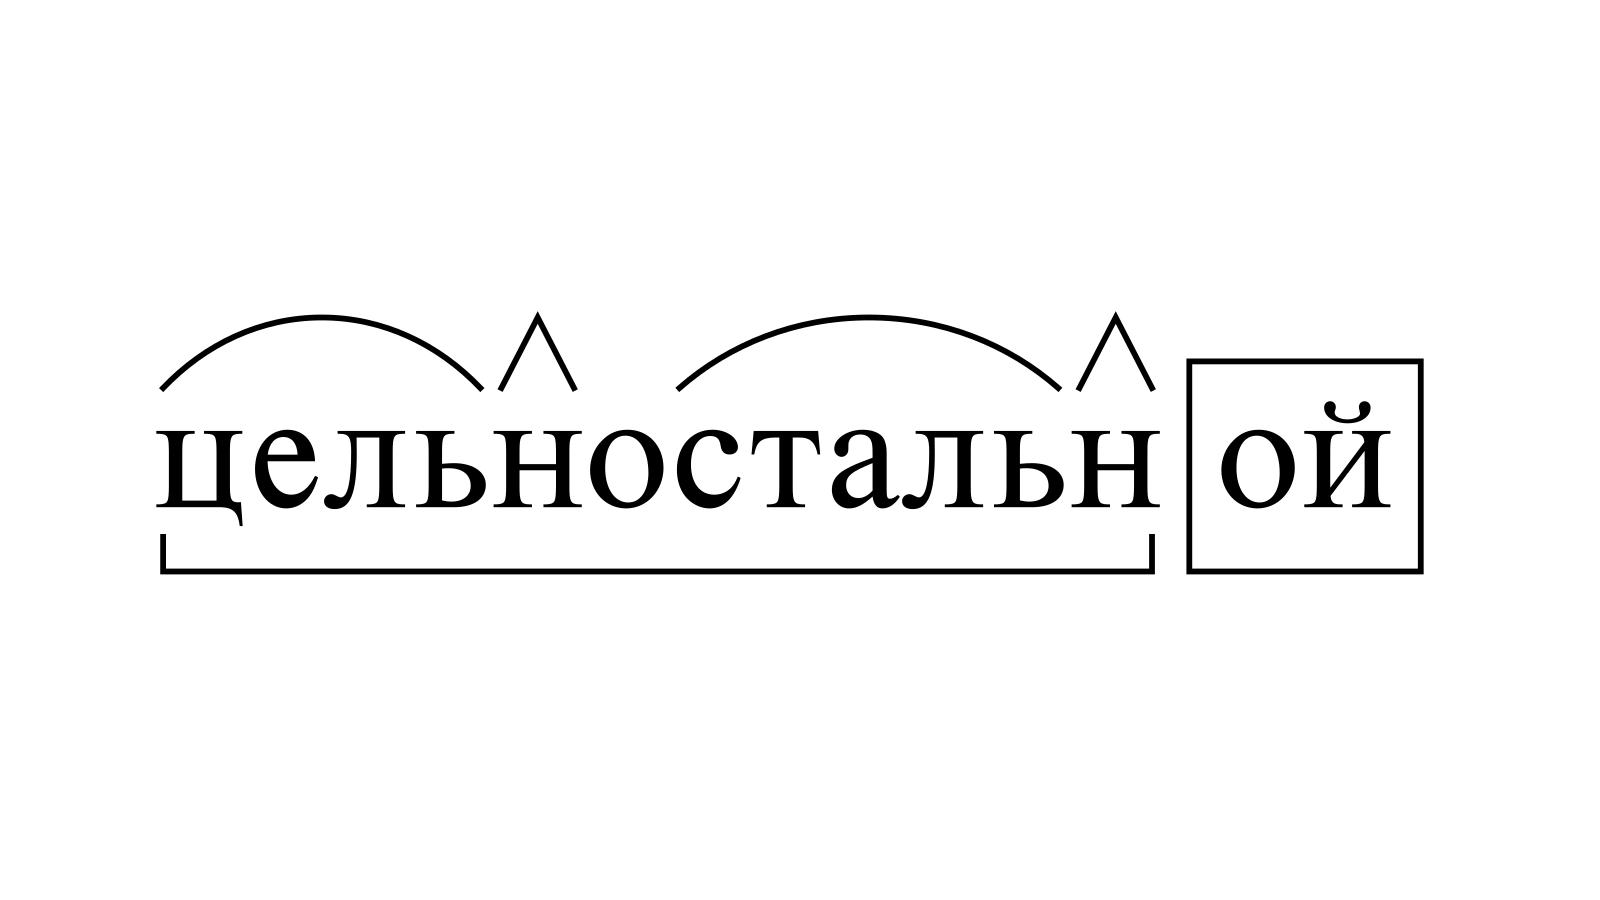 Разбор слова «цельностальной» по составу